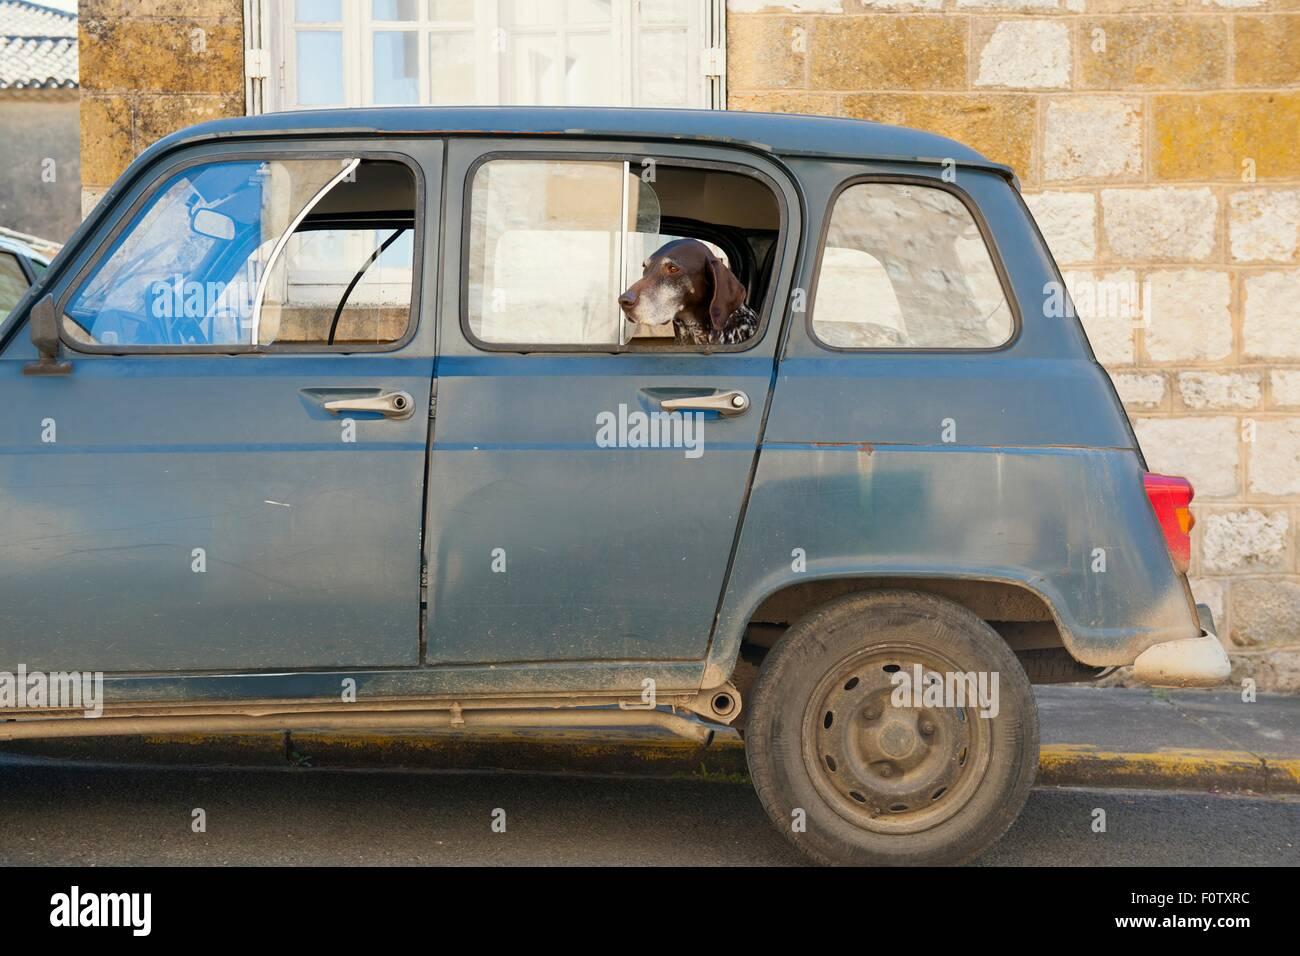 Retrato de perro mirando desde la ventana de automóvil estacionado, Monpazier, Dordogne, Francia Imagen De Stock